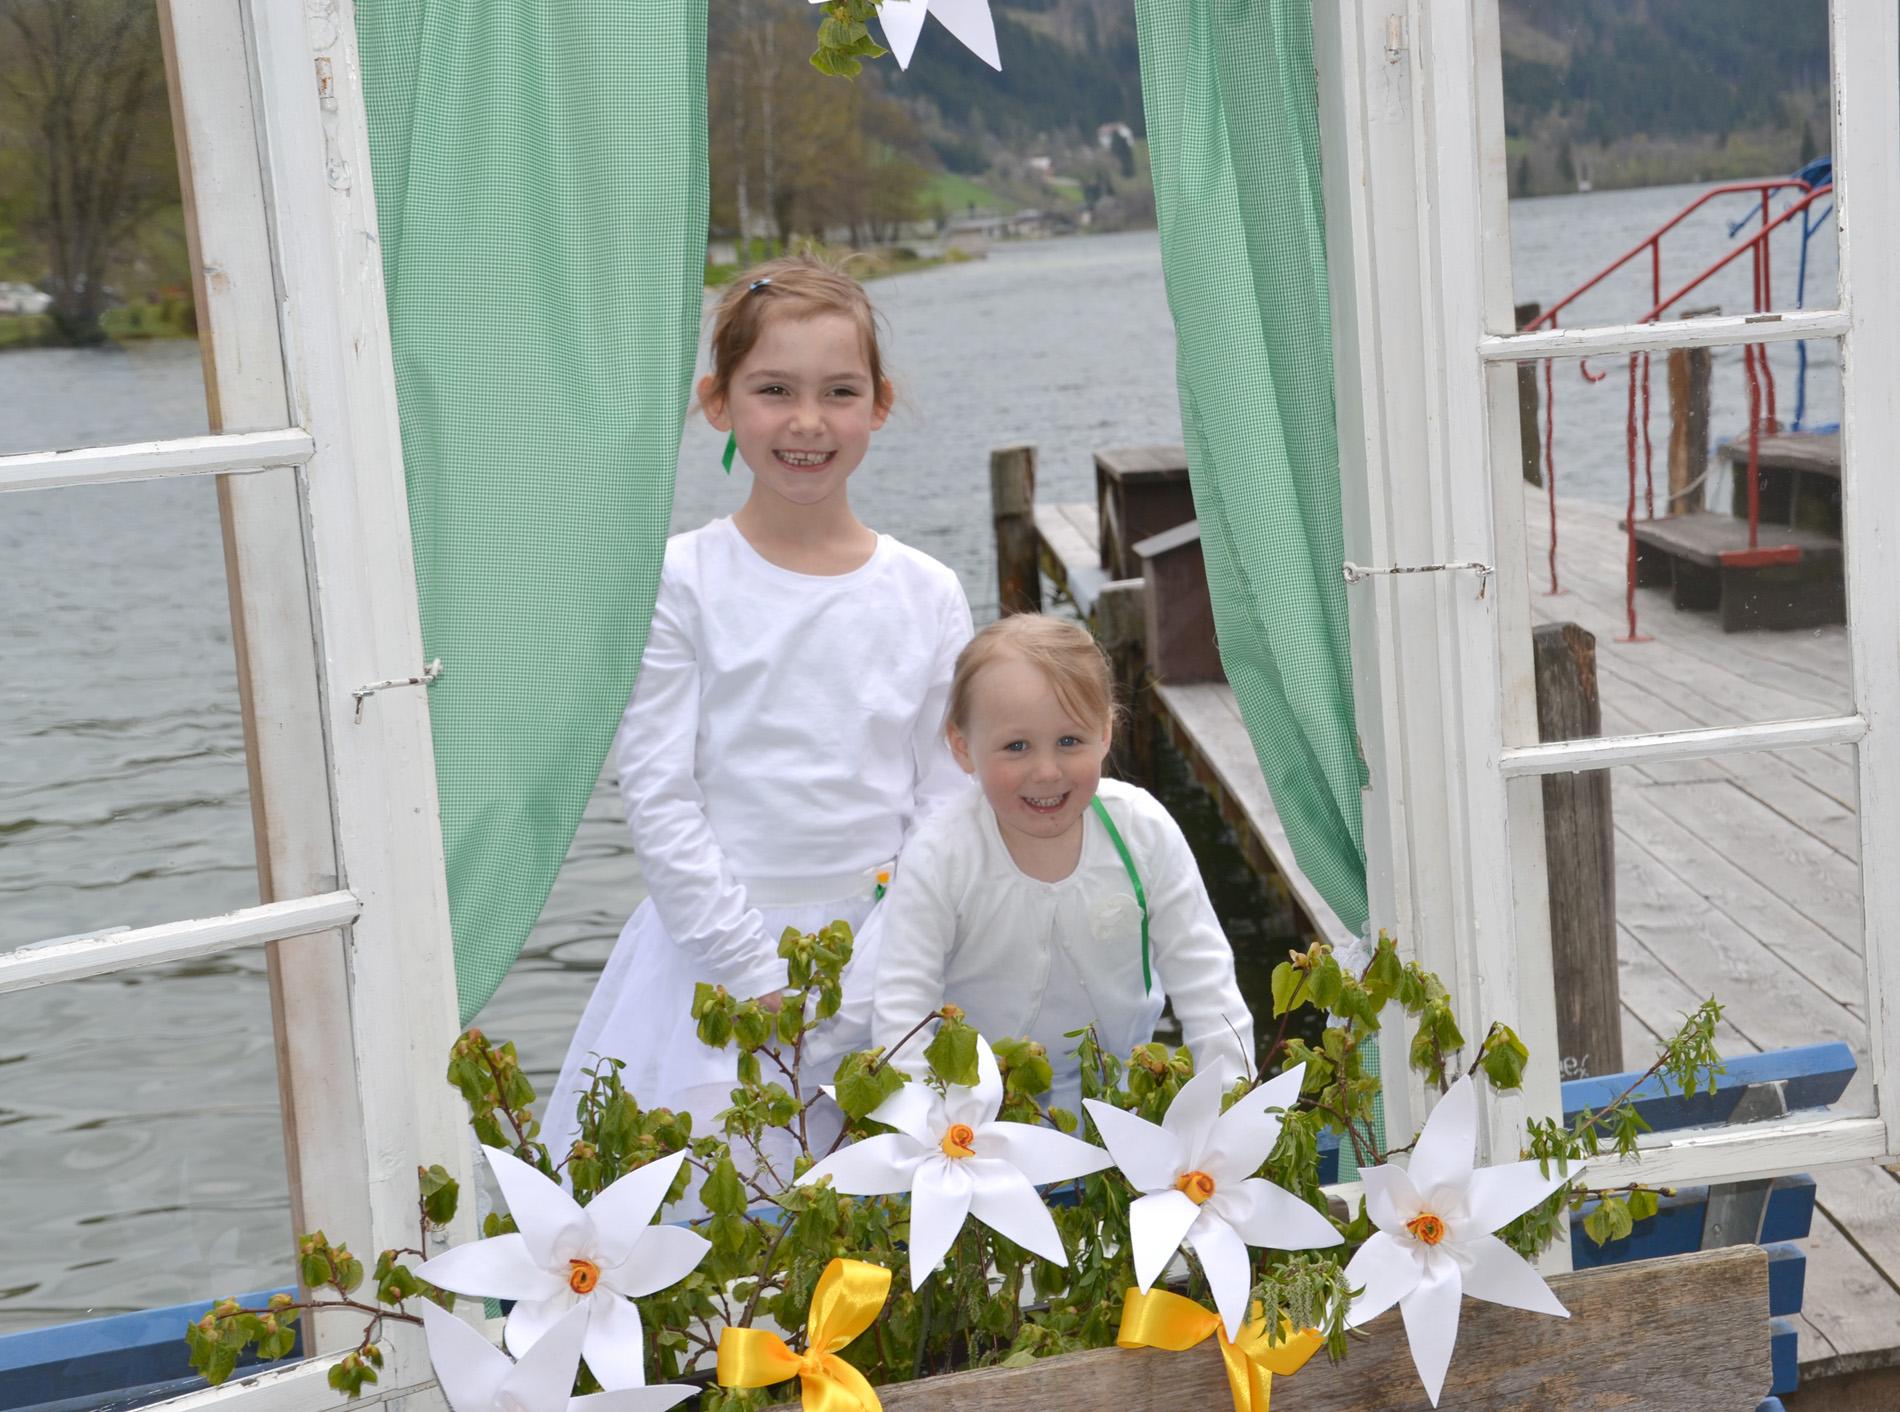 Flora Aigner und Miriam Mayr strahlen durch ein Narzissen-Fotofenster. Die Fenster werden heuer an mehreren Standorten aufgestellt. Foto: eisenstrasse.info